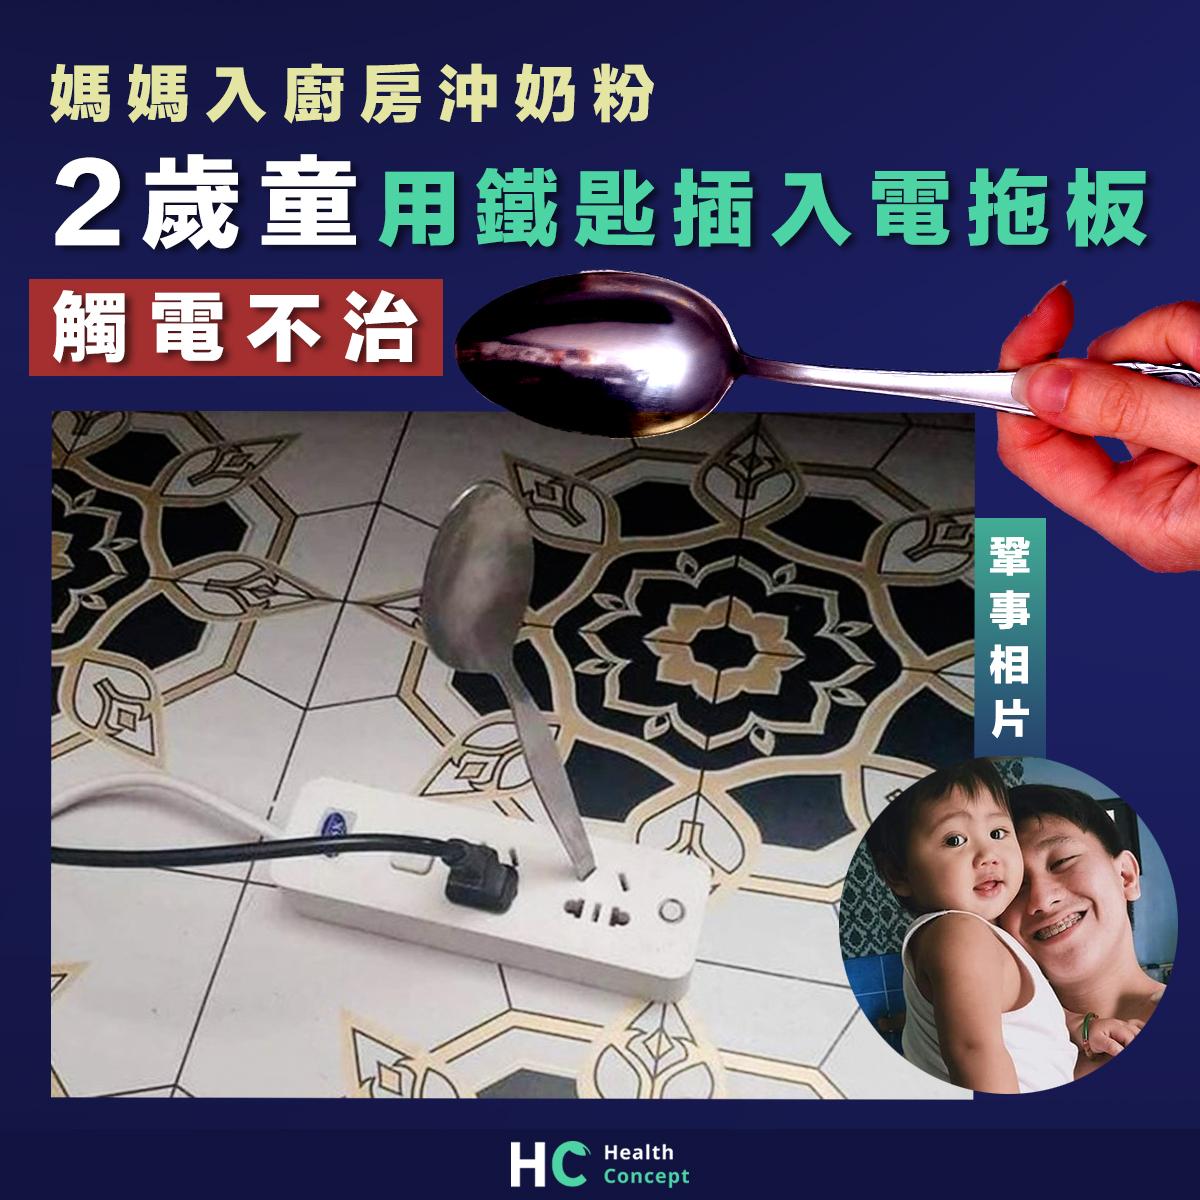 媽媽入廚房沖奶粉 2歲童拿鐵匙插入電拖板觸電不治